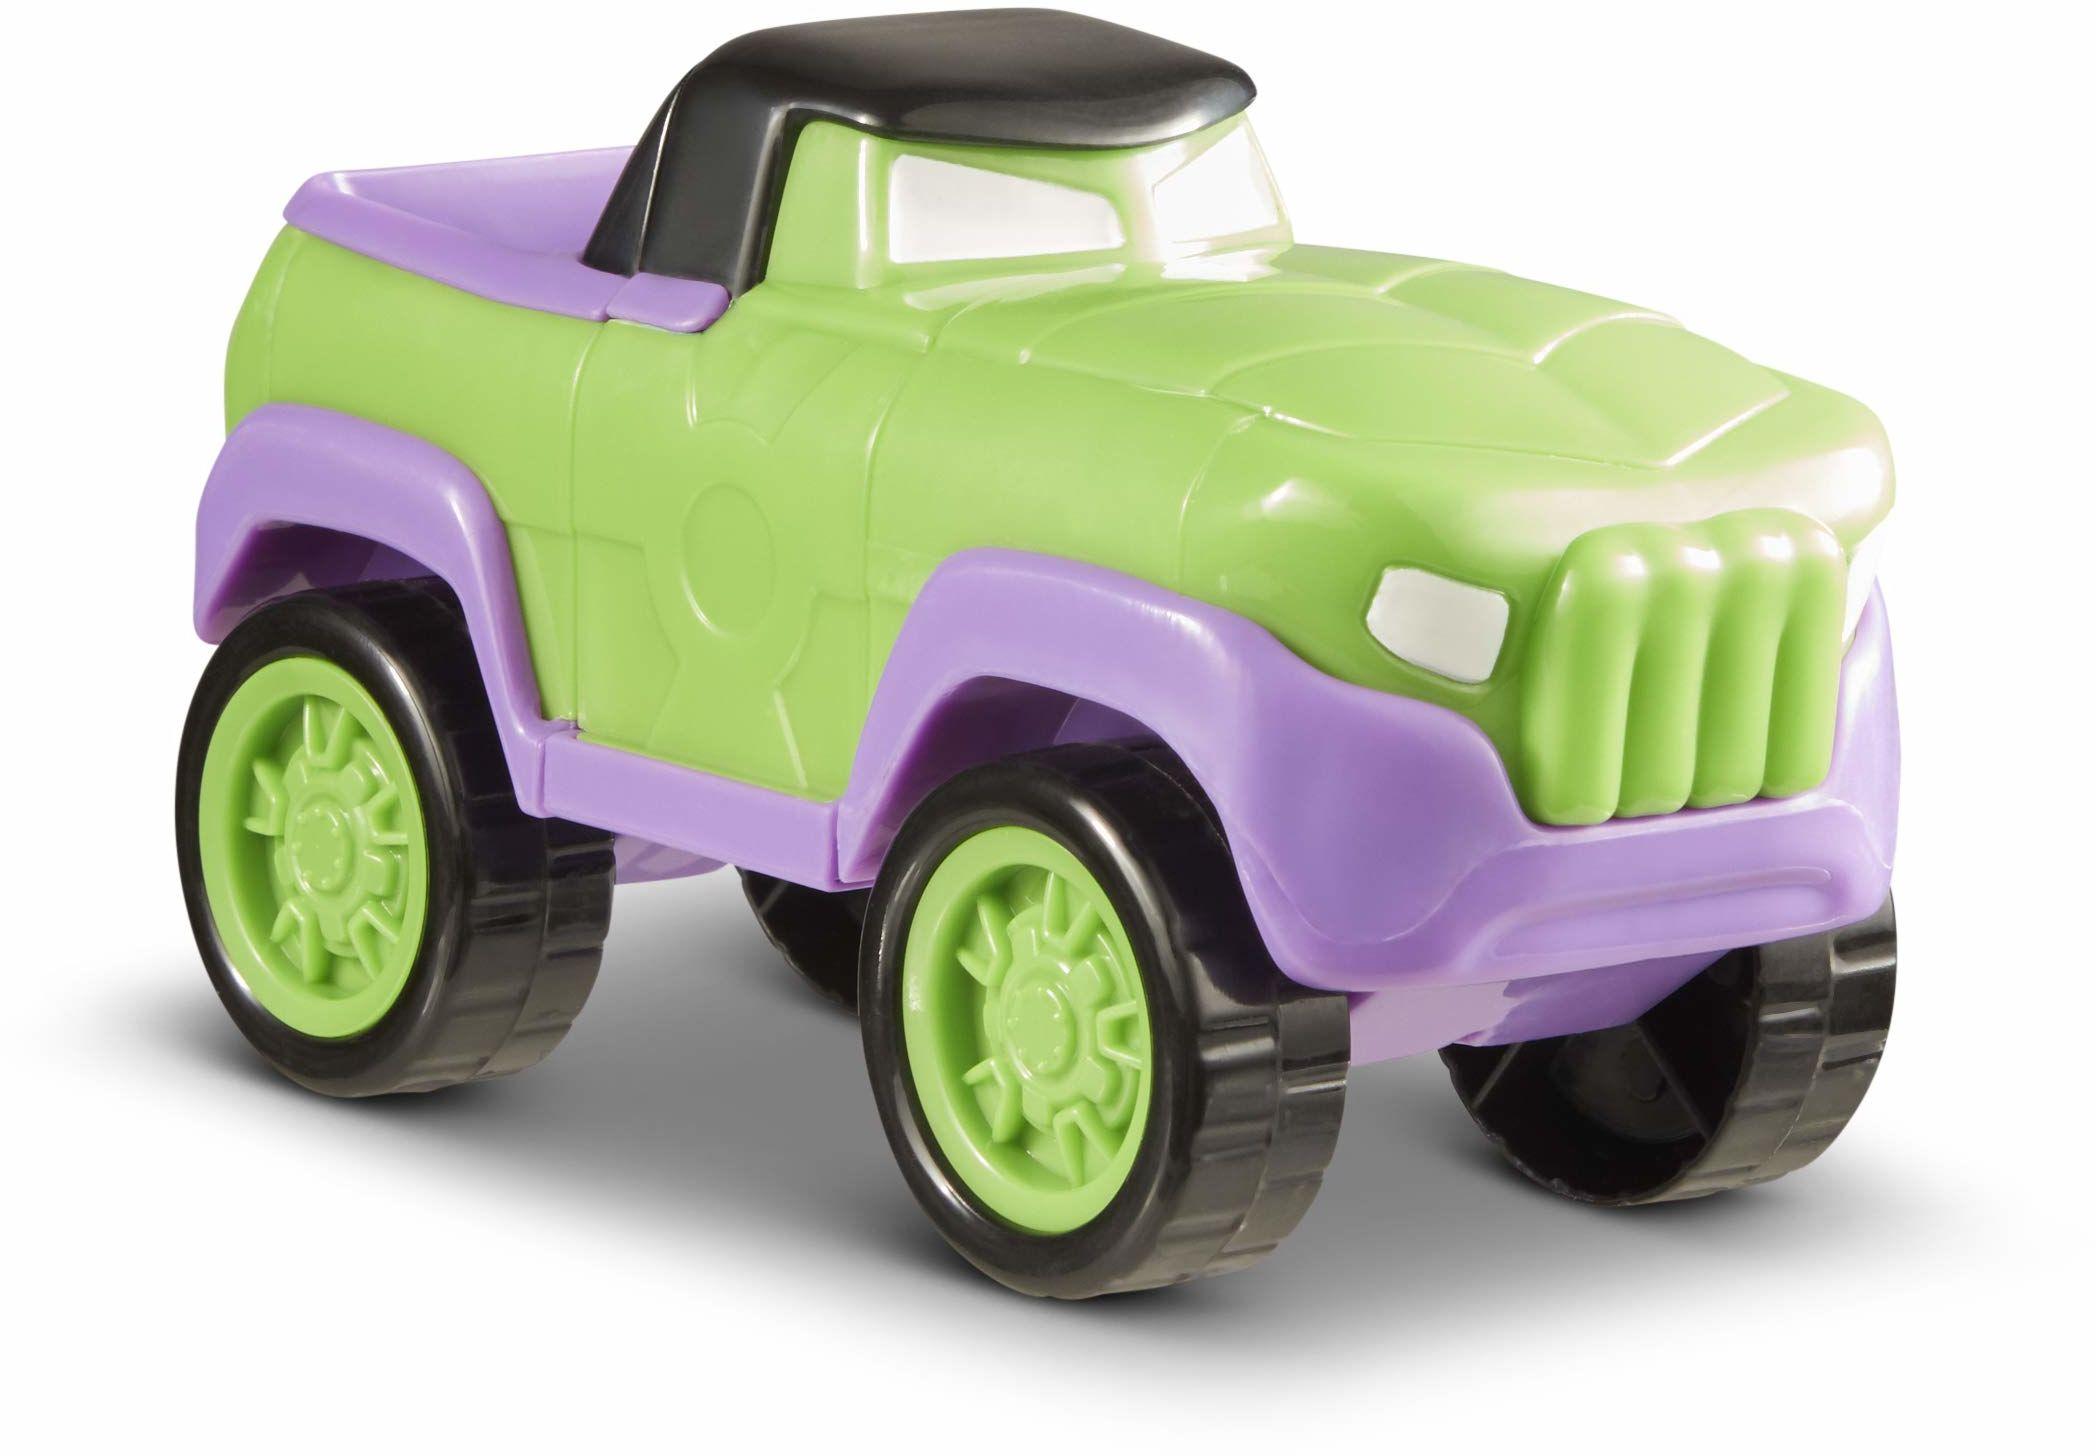 Marvel by Funrise 60458 Marvel Mod Squad Hulk samochodziki zabawkowe, wielokolorowe